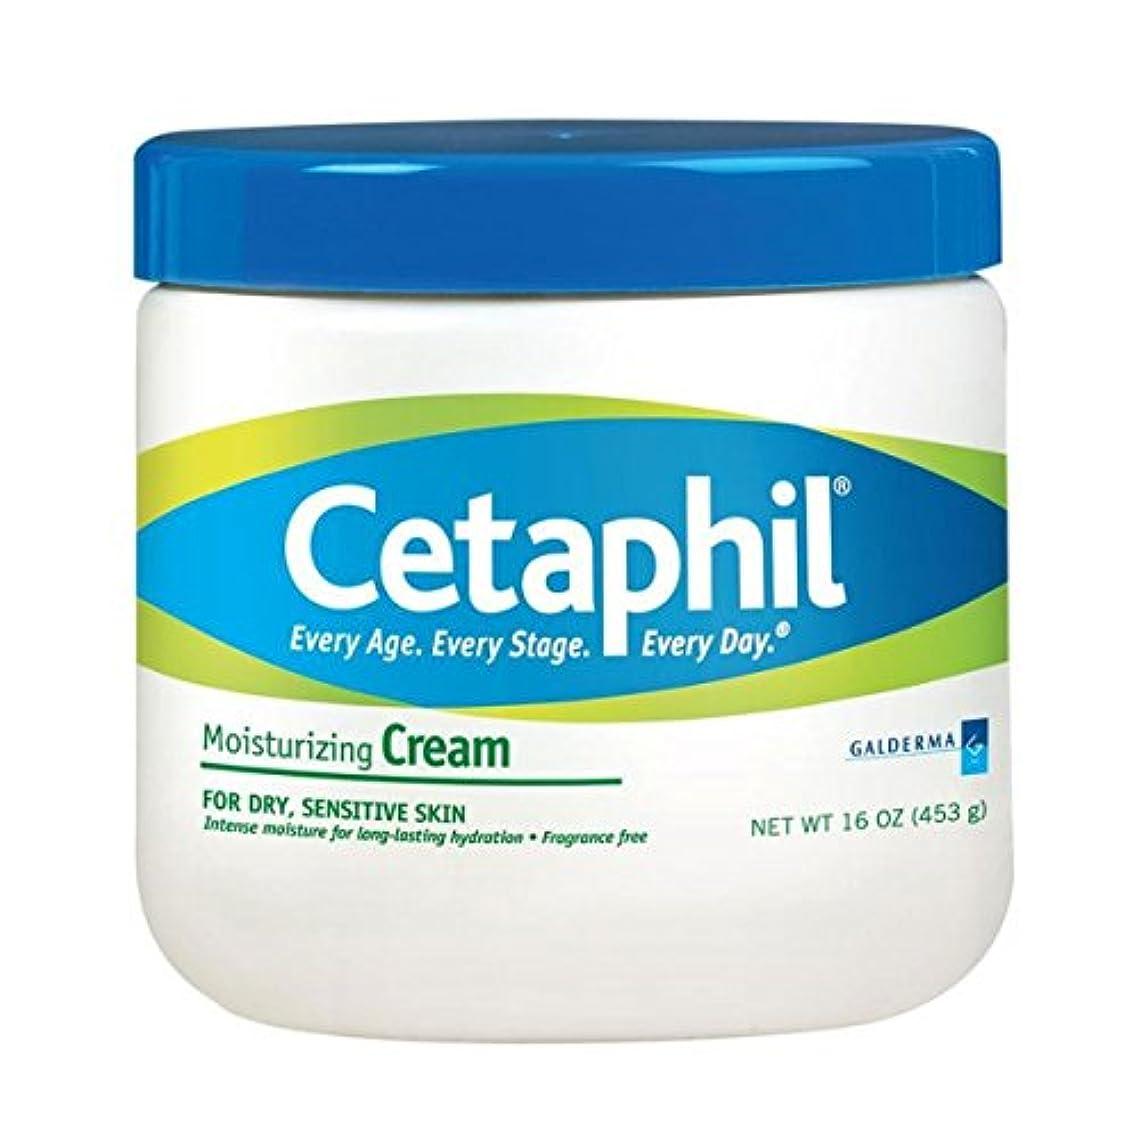 ブーム反動嵐のCetaphil Moisturizing Cream 453g [並行輸入品]